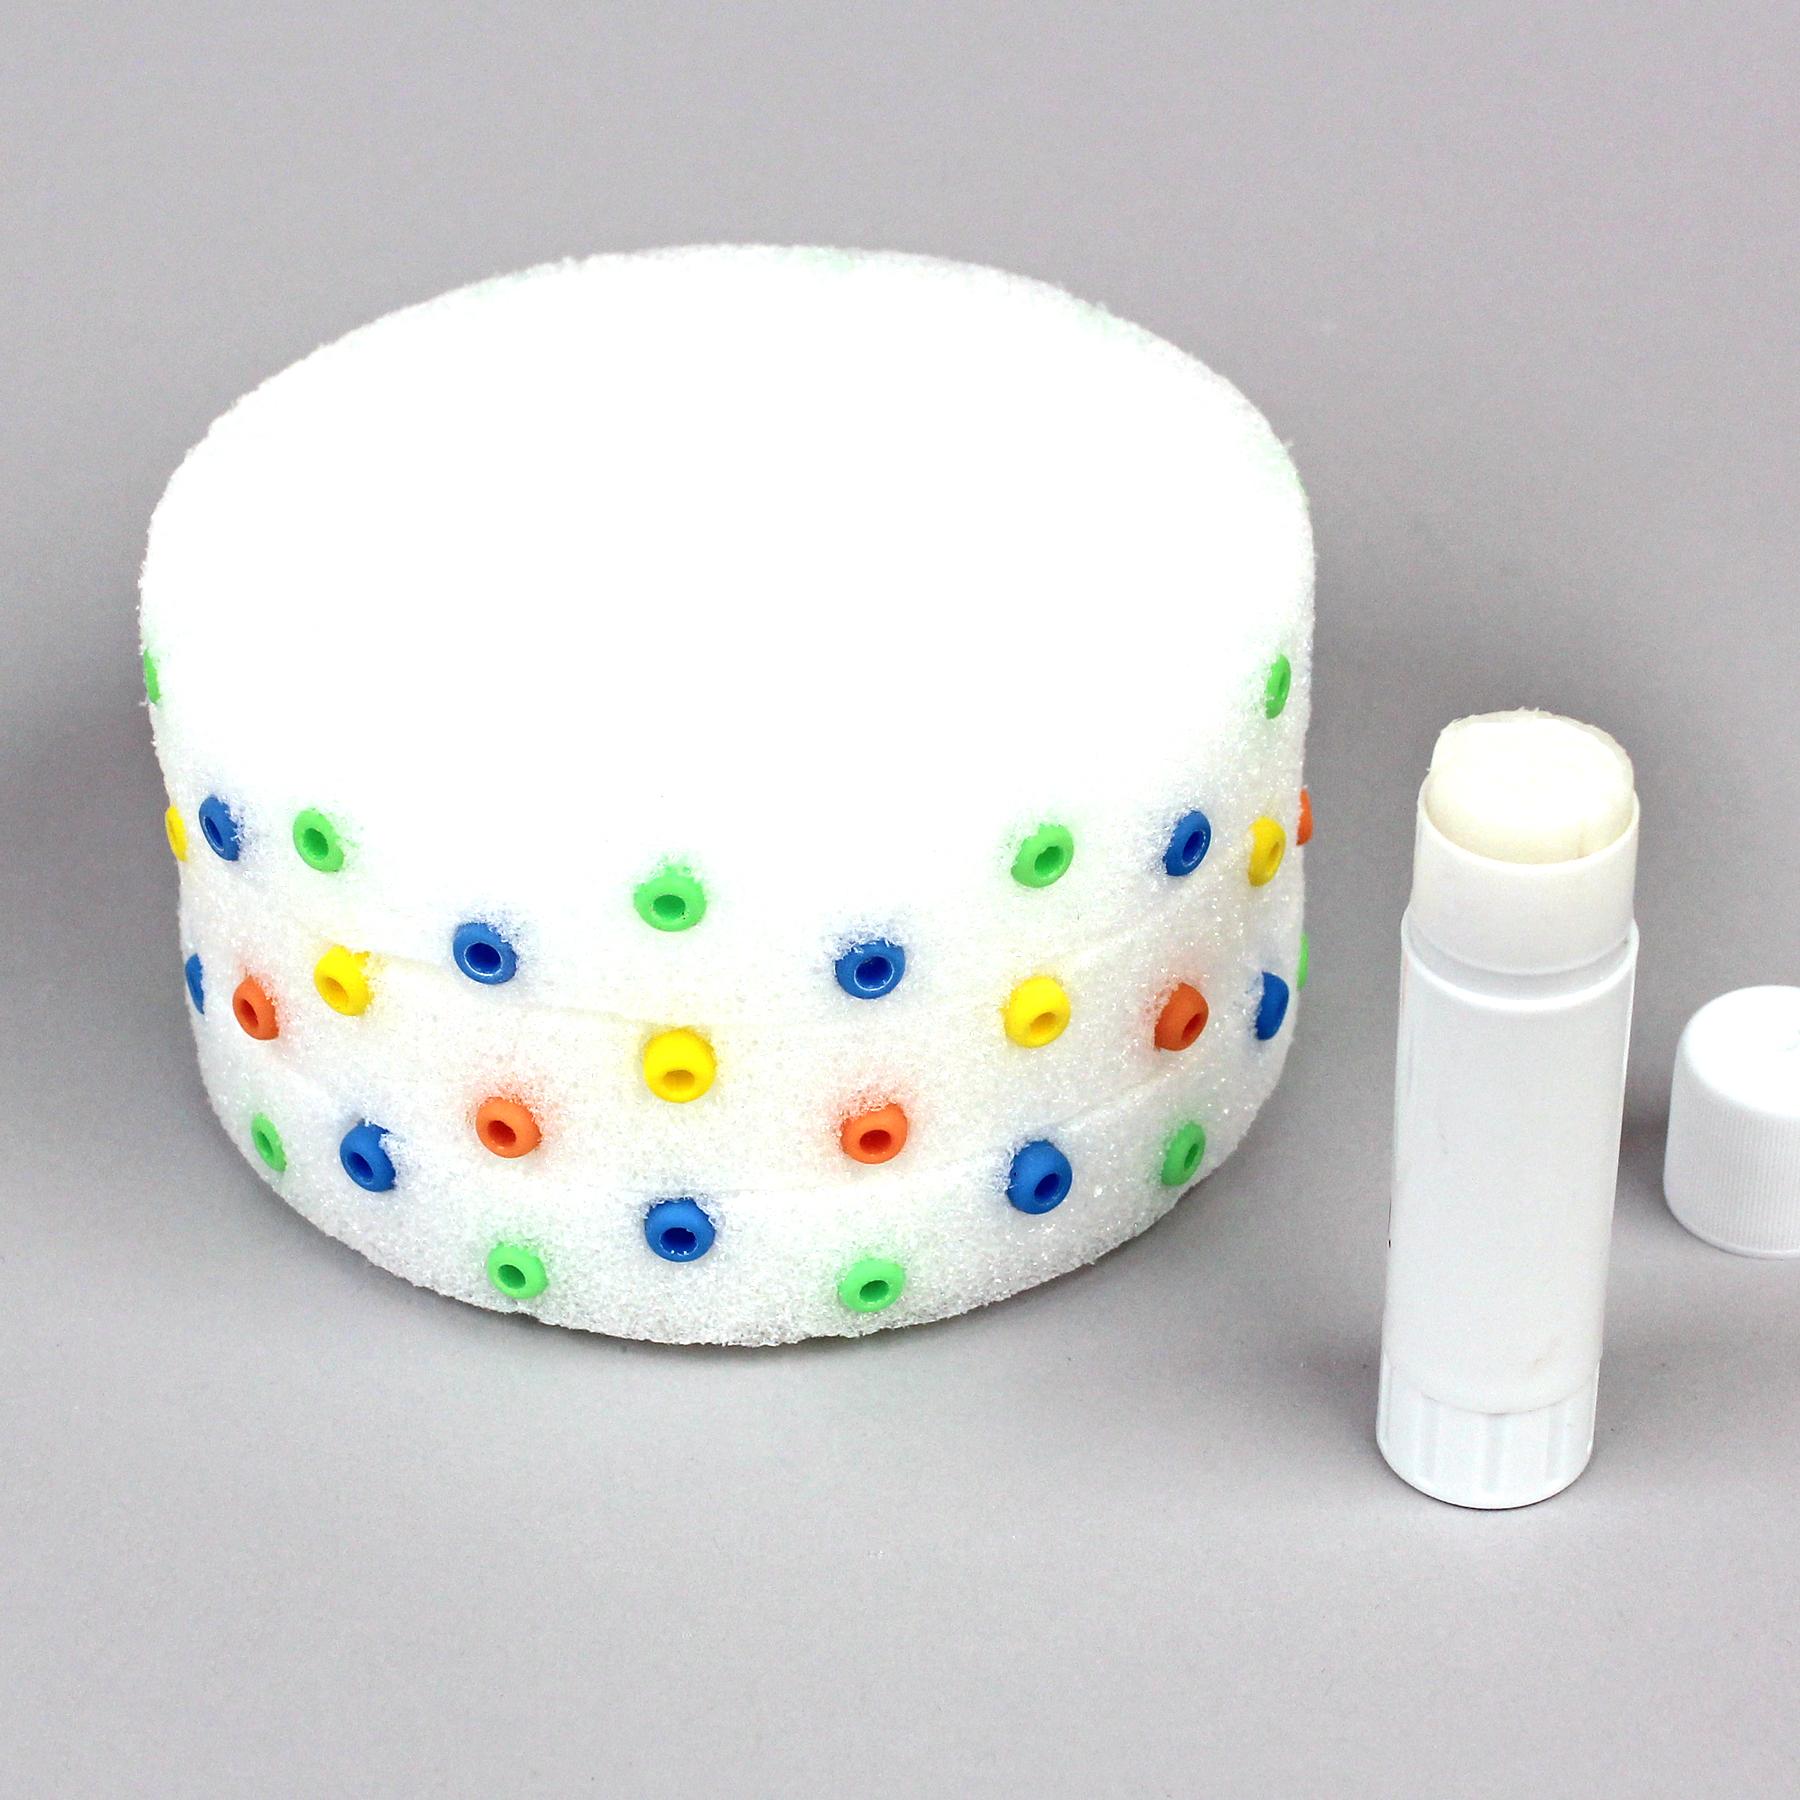 cakecolorgamestepe